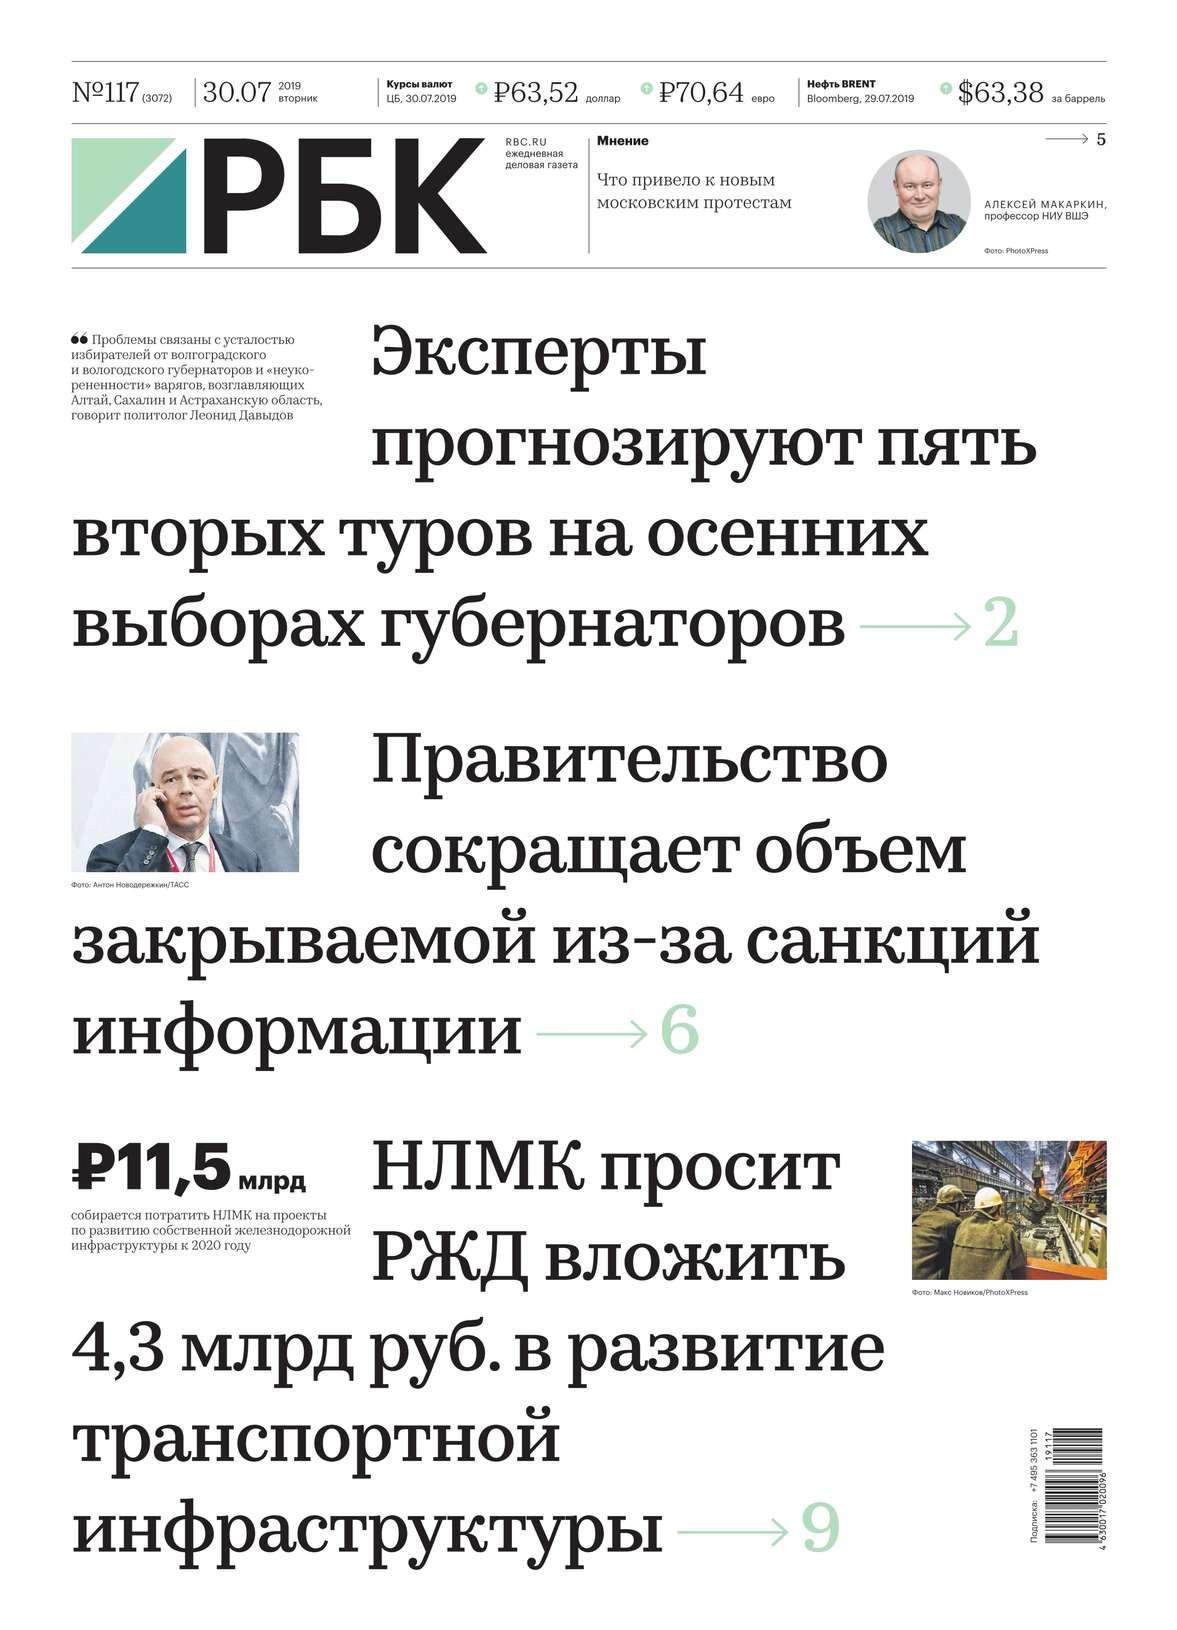 Ежедневная Деловая Газета Рбк 117-2019